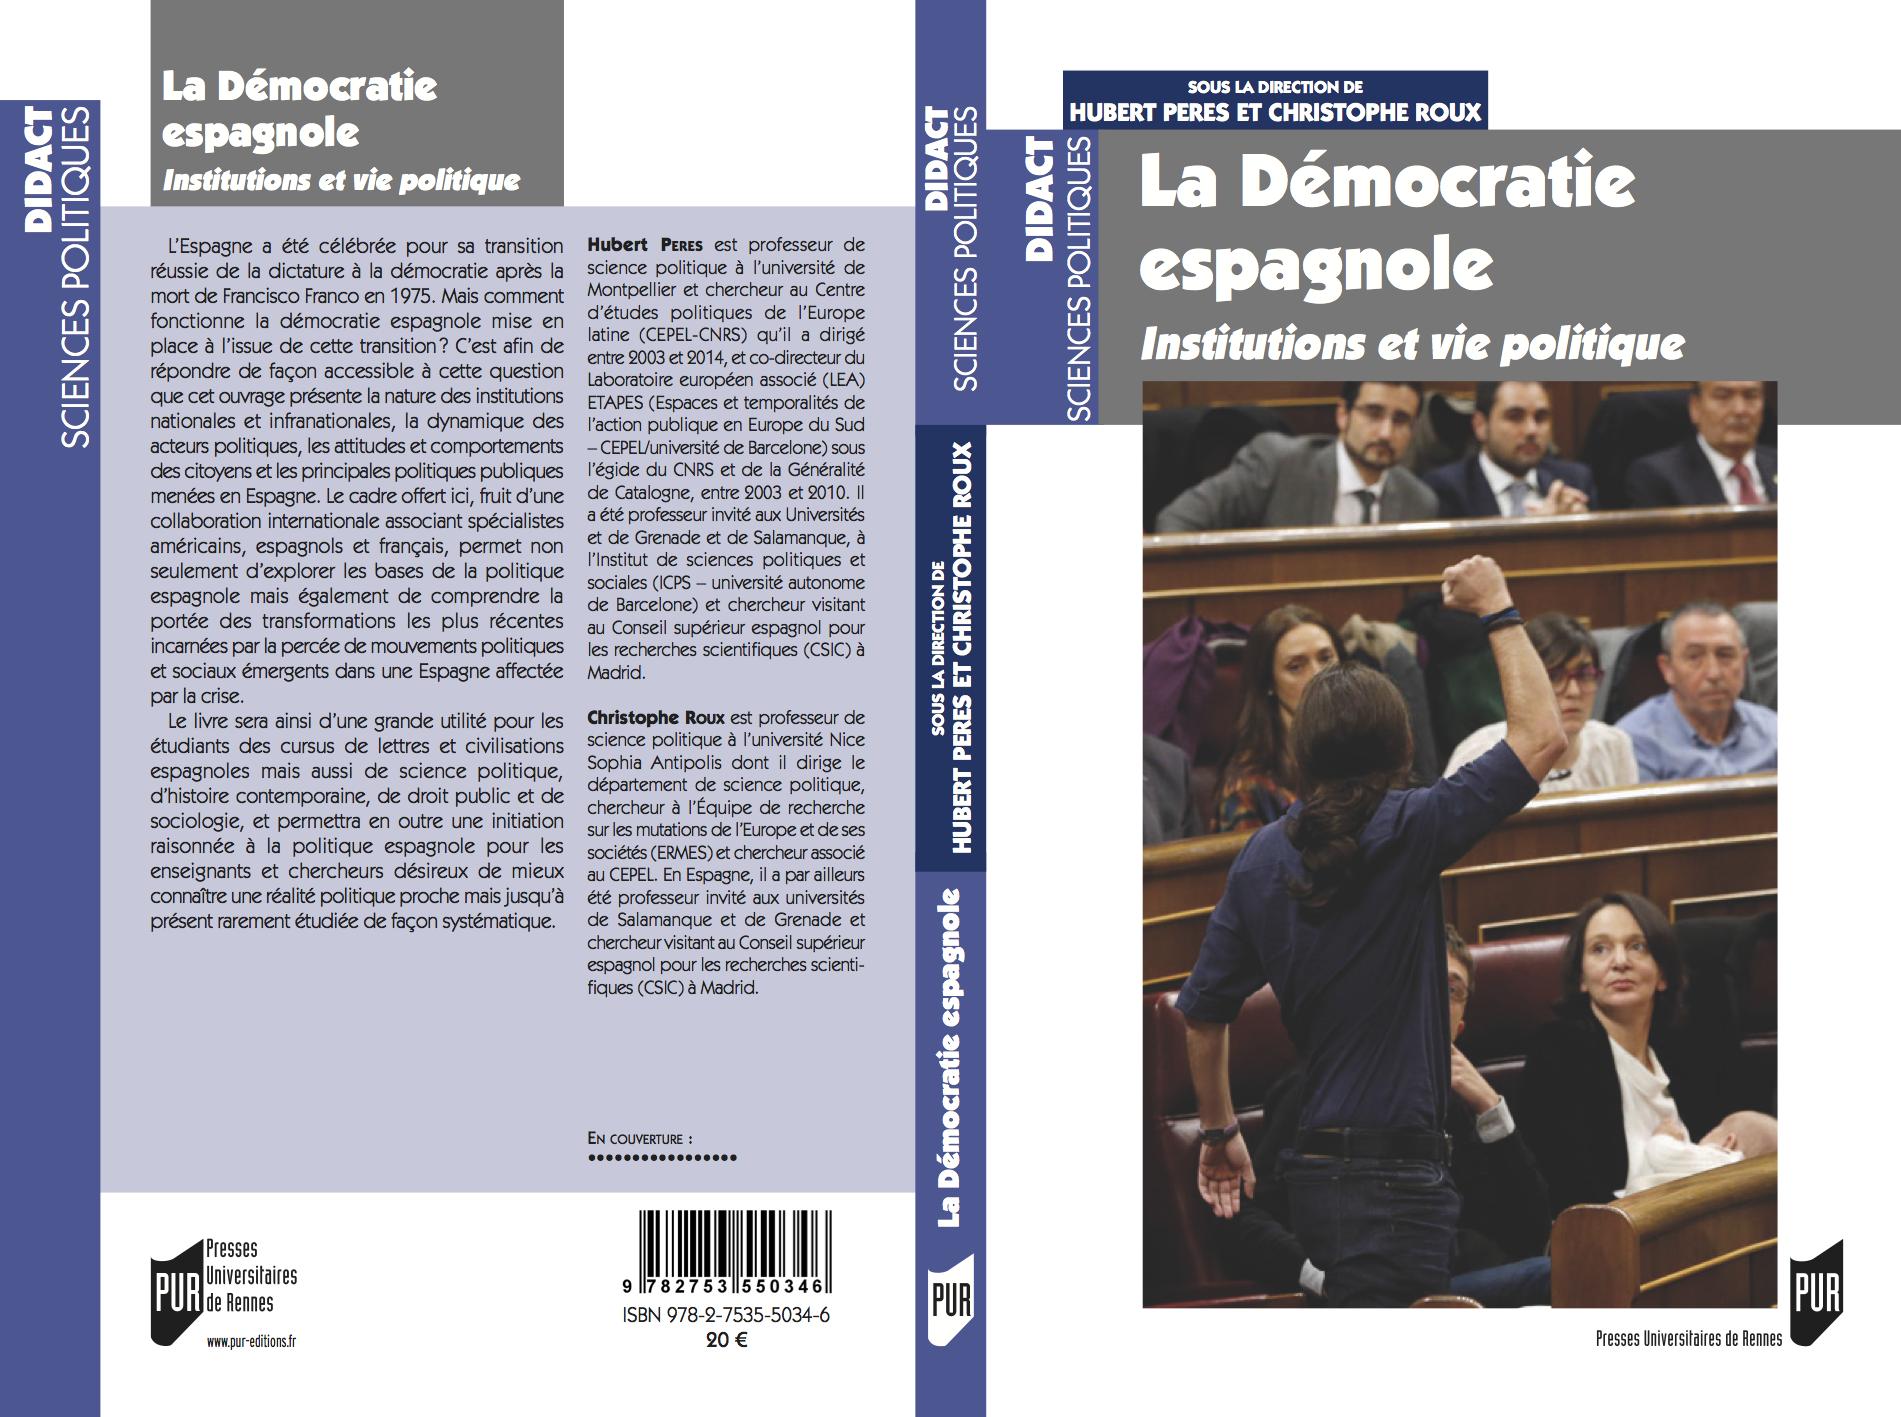 couv-demo-espagnole-1-copie